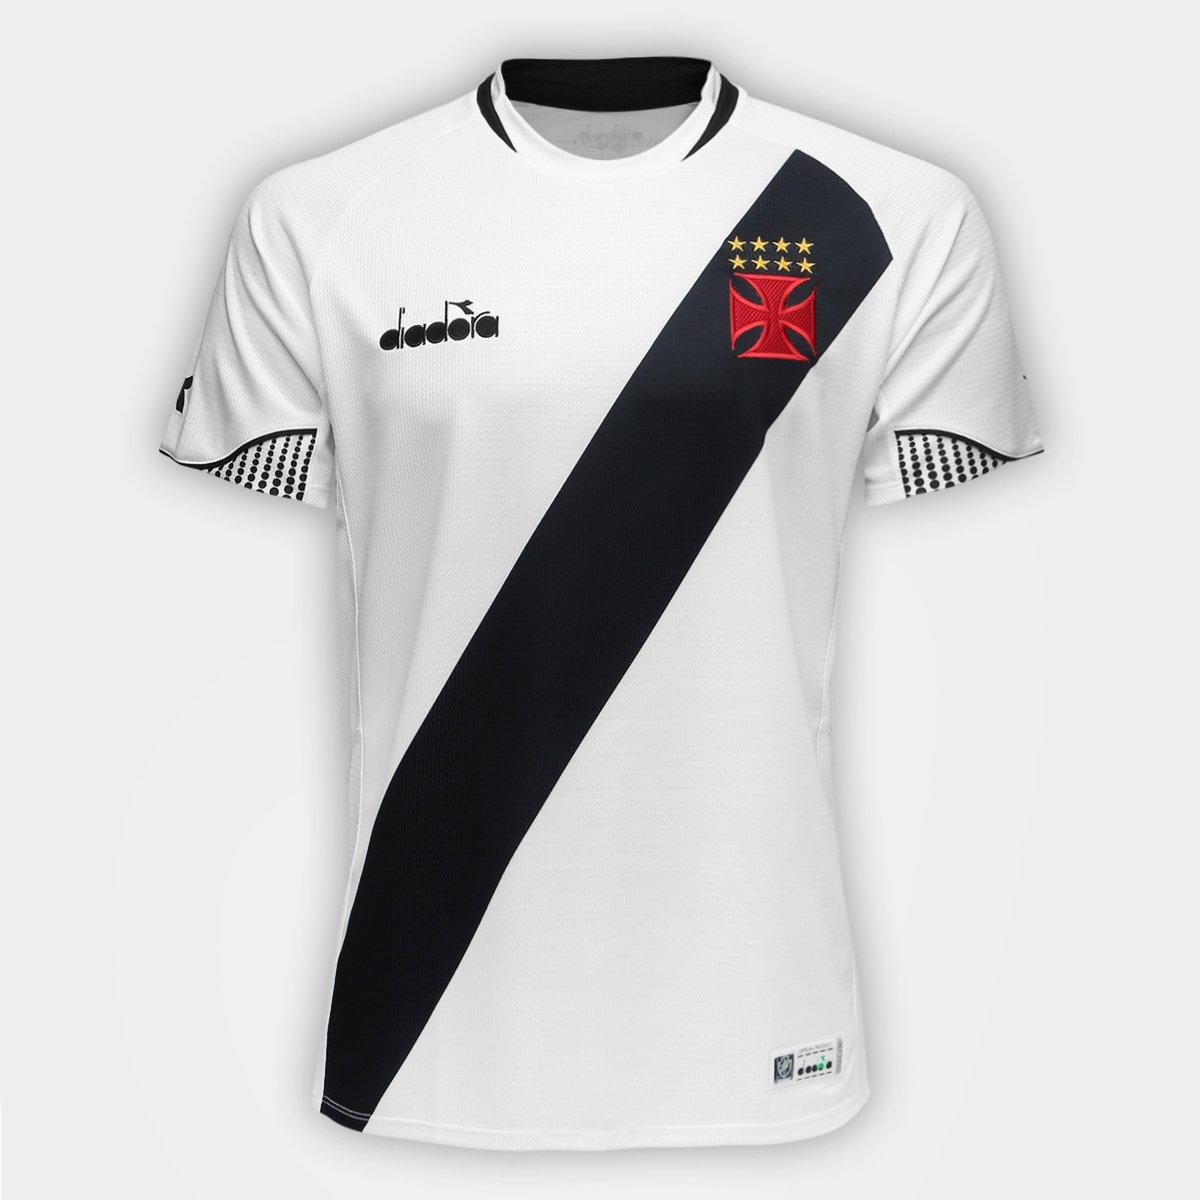 Camisa Vasco II 2018 s n° - Torcedor Diadora Masculina - Branco ... 16ffc4c676570